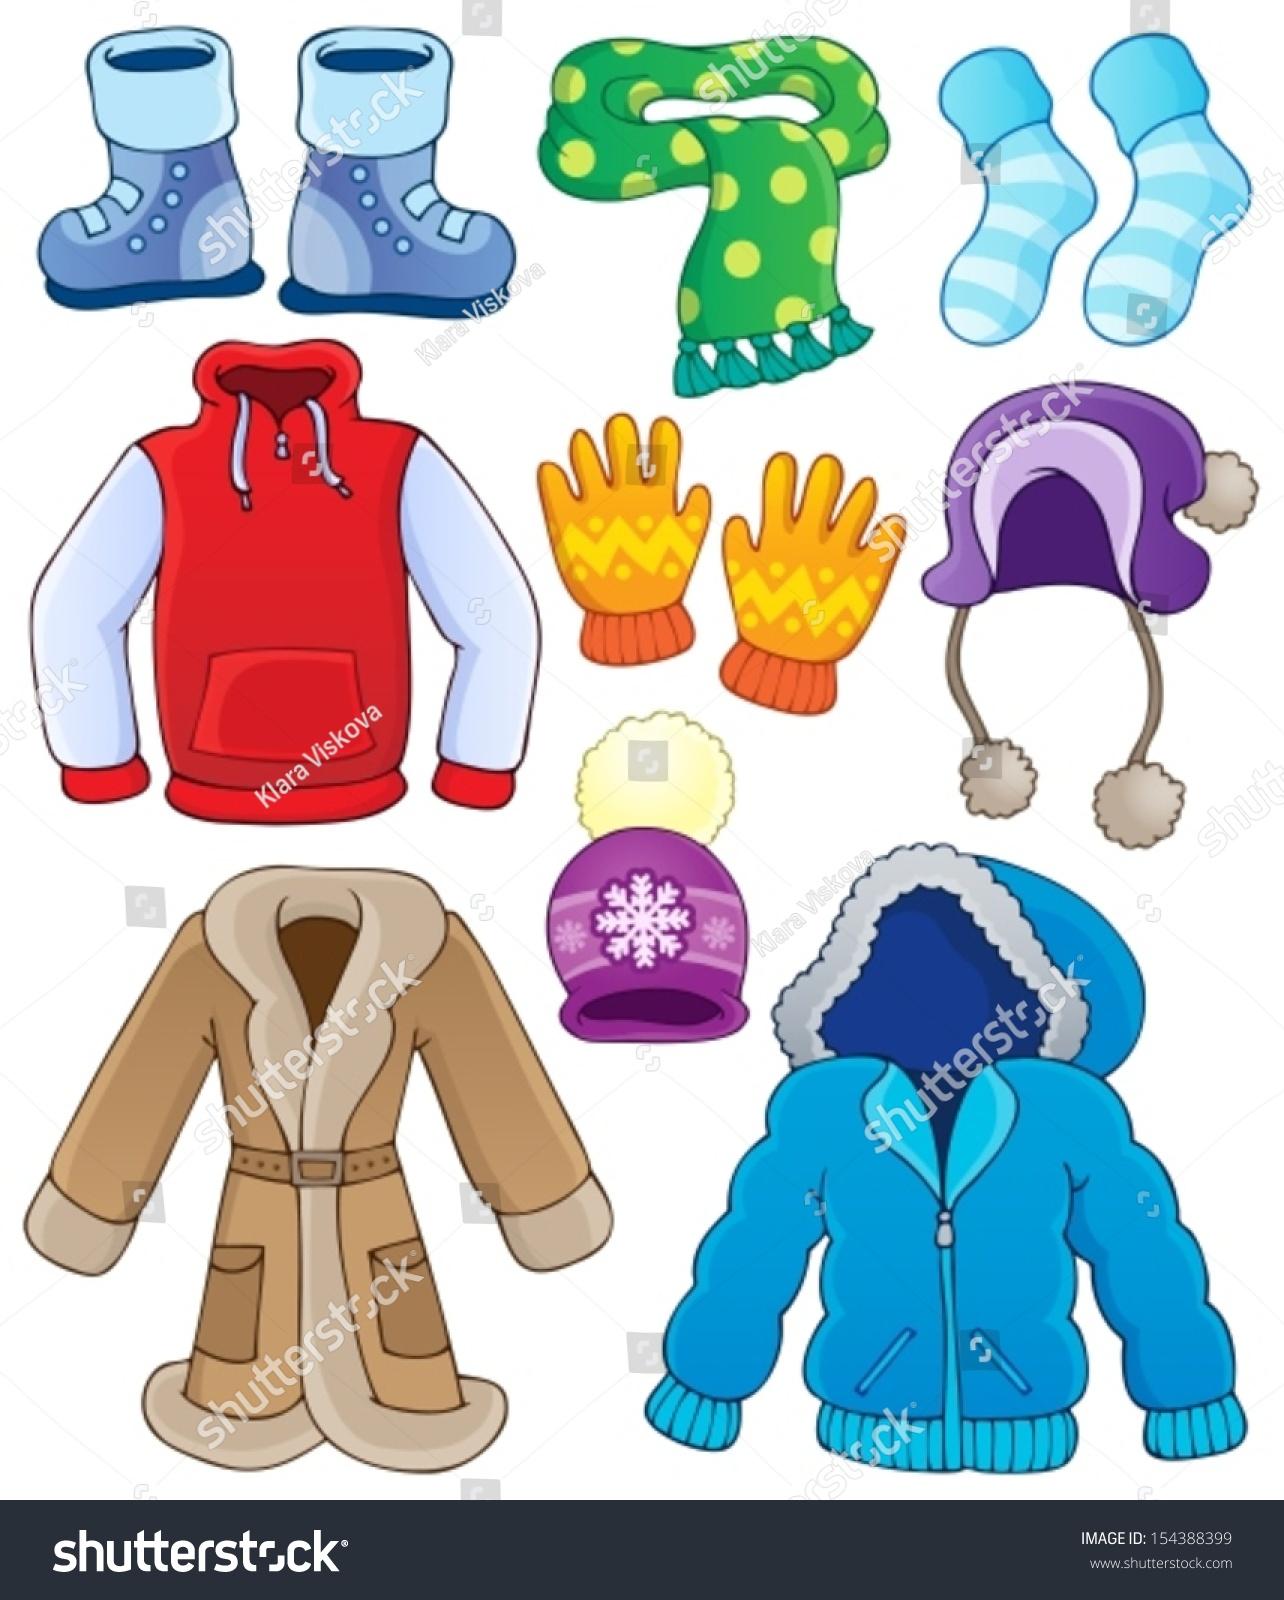 c14c11e6734b Winter Clothes Collection 3 Eps 10 Vector Stock Vector (Royalty Free ...